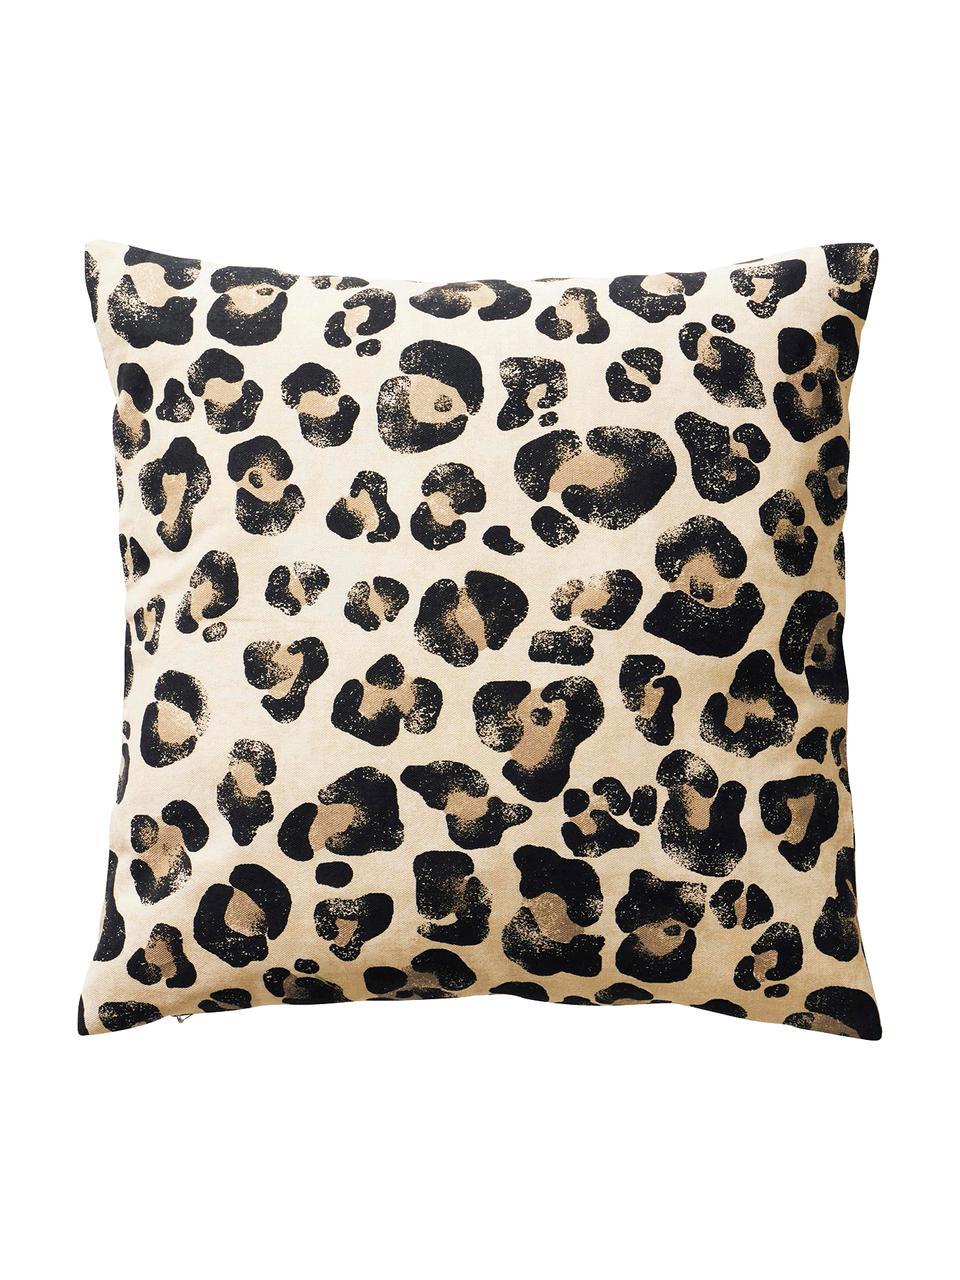 Kissenhüllen Jill mit Animal Print, 2er-Set, 100% Baumwolle, Schwarz, Beige, 45 x 45 cm